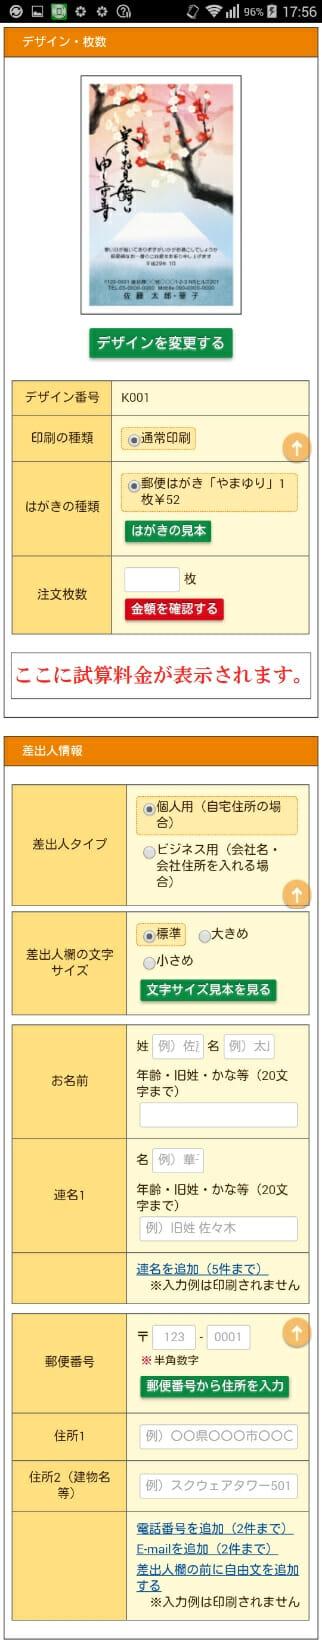 ネットスクウェアのスマホ画面 デザイン案の選択(つづき)